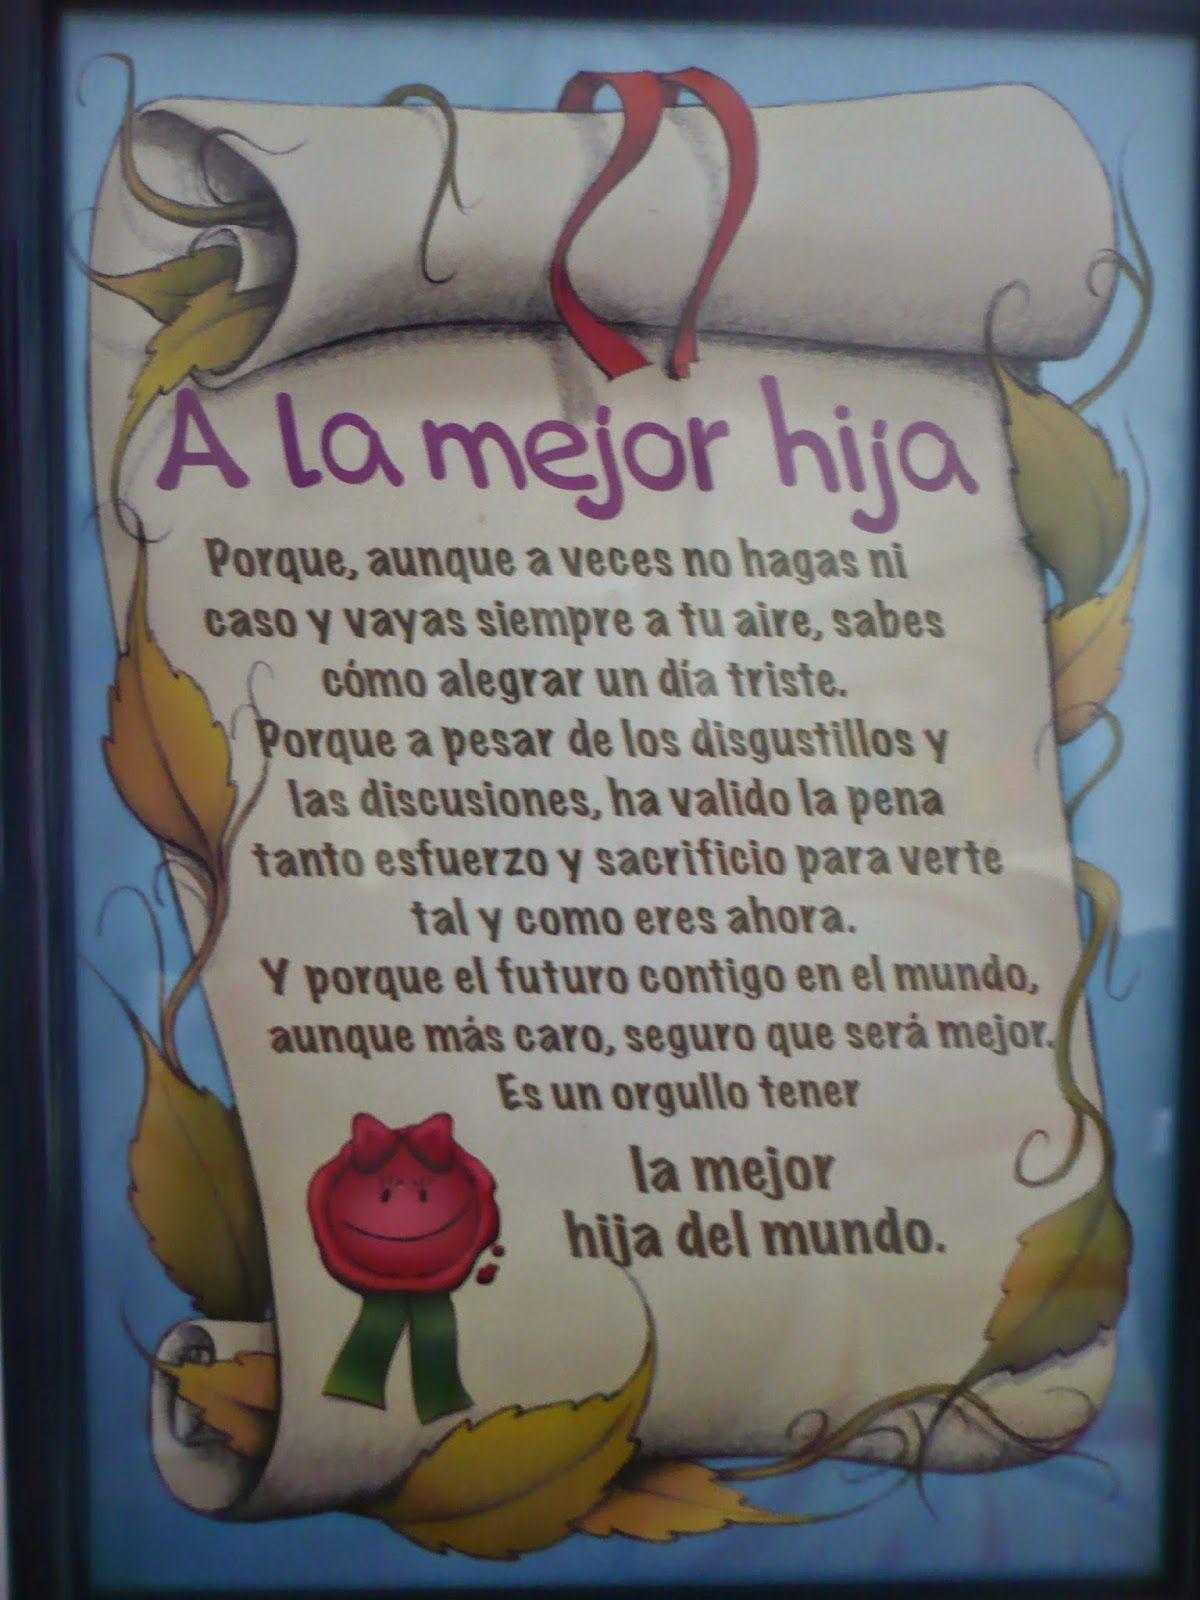 5 Bonitas Imagenes Tiernas Con Amor Para Mi Hija Imagenes De Amor Hd Happy Birthday Wishes Cards Message To My Son Birthday Wishes Cards